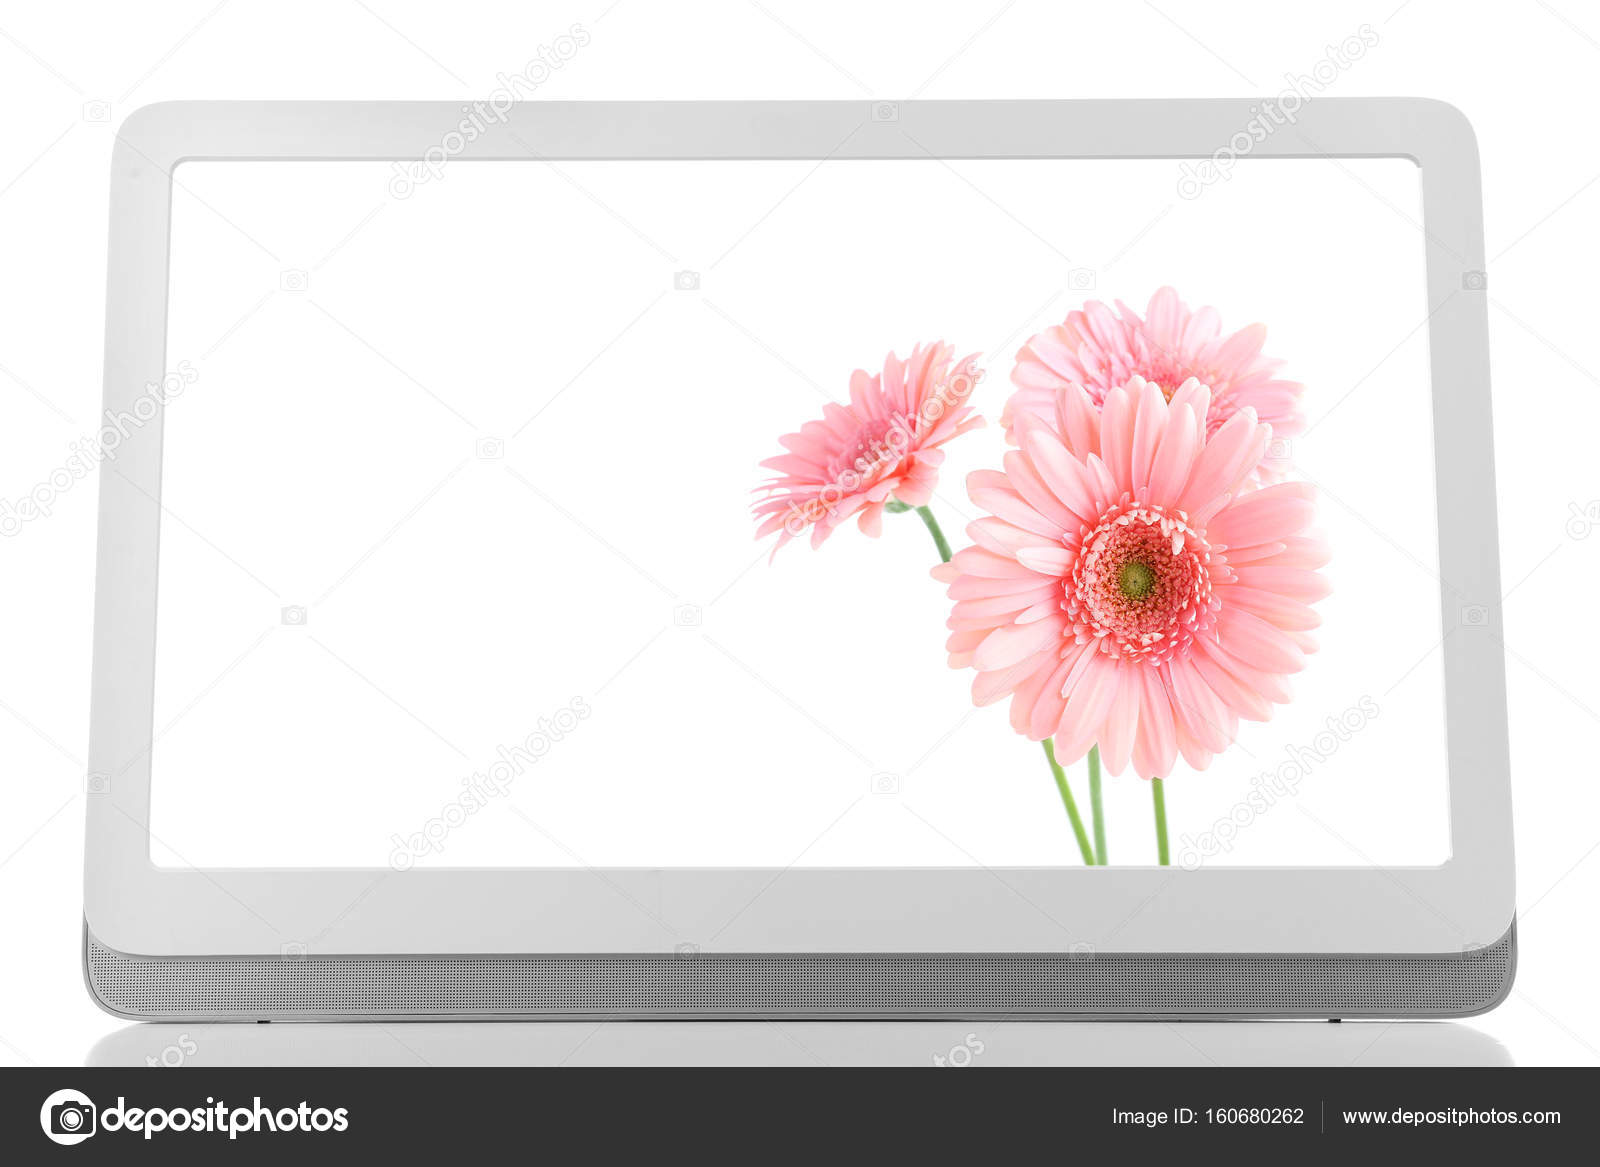 Descargar Fondos De Pantalla Para Pc Flores: Descargar Fondos De Pantalla Para Pc Flores